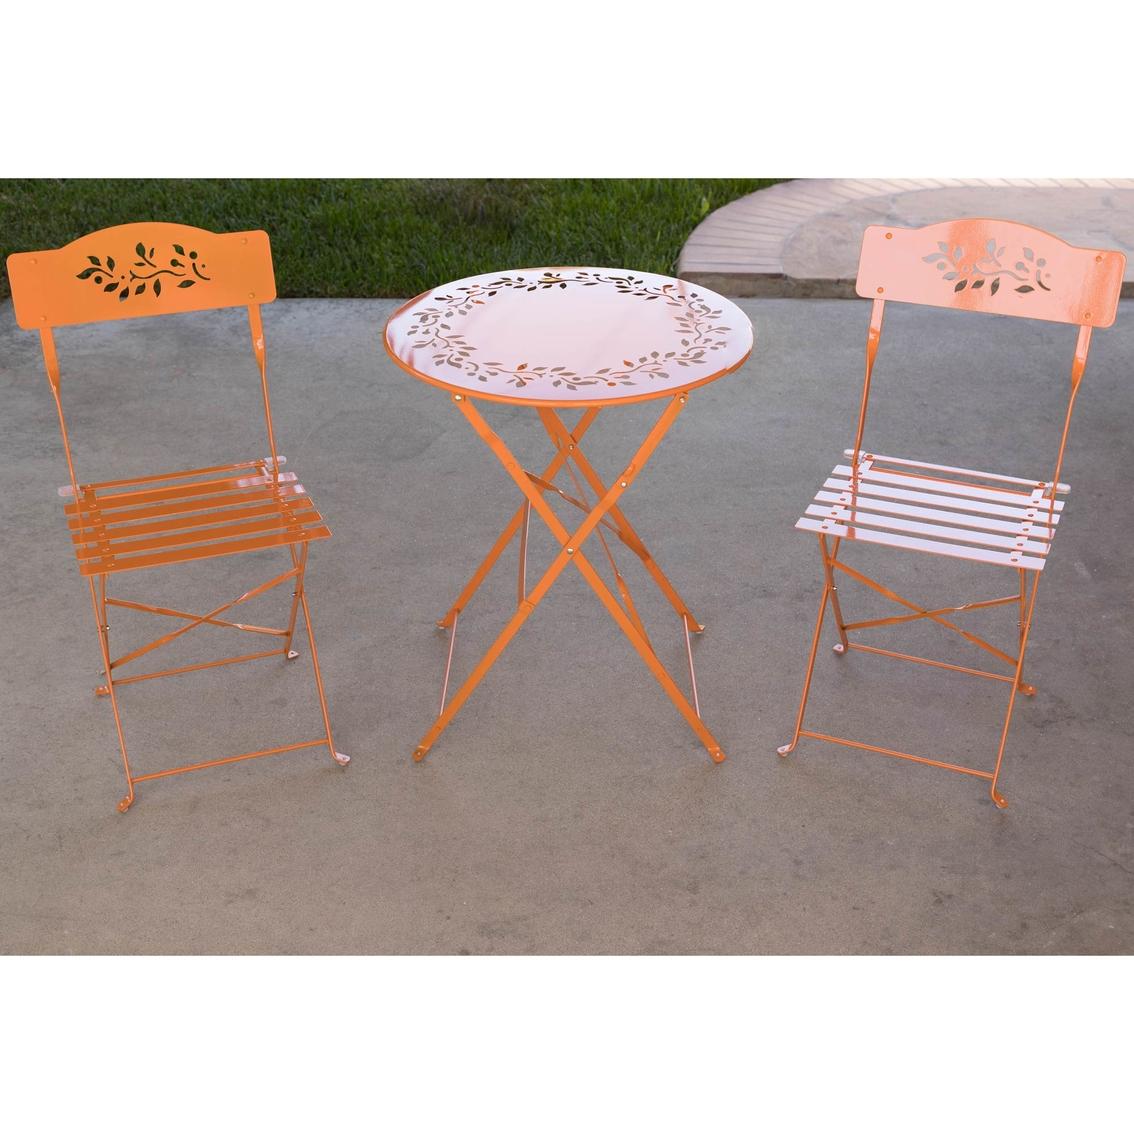 Astounding Alpine Outdoor 3 Pc Bistro Set Patio Sets More Shop Spiritservingveterans Wood Chair Design Ideas Spiritservingveteransorg